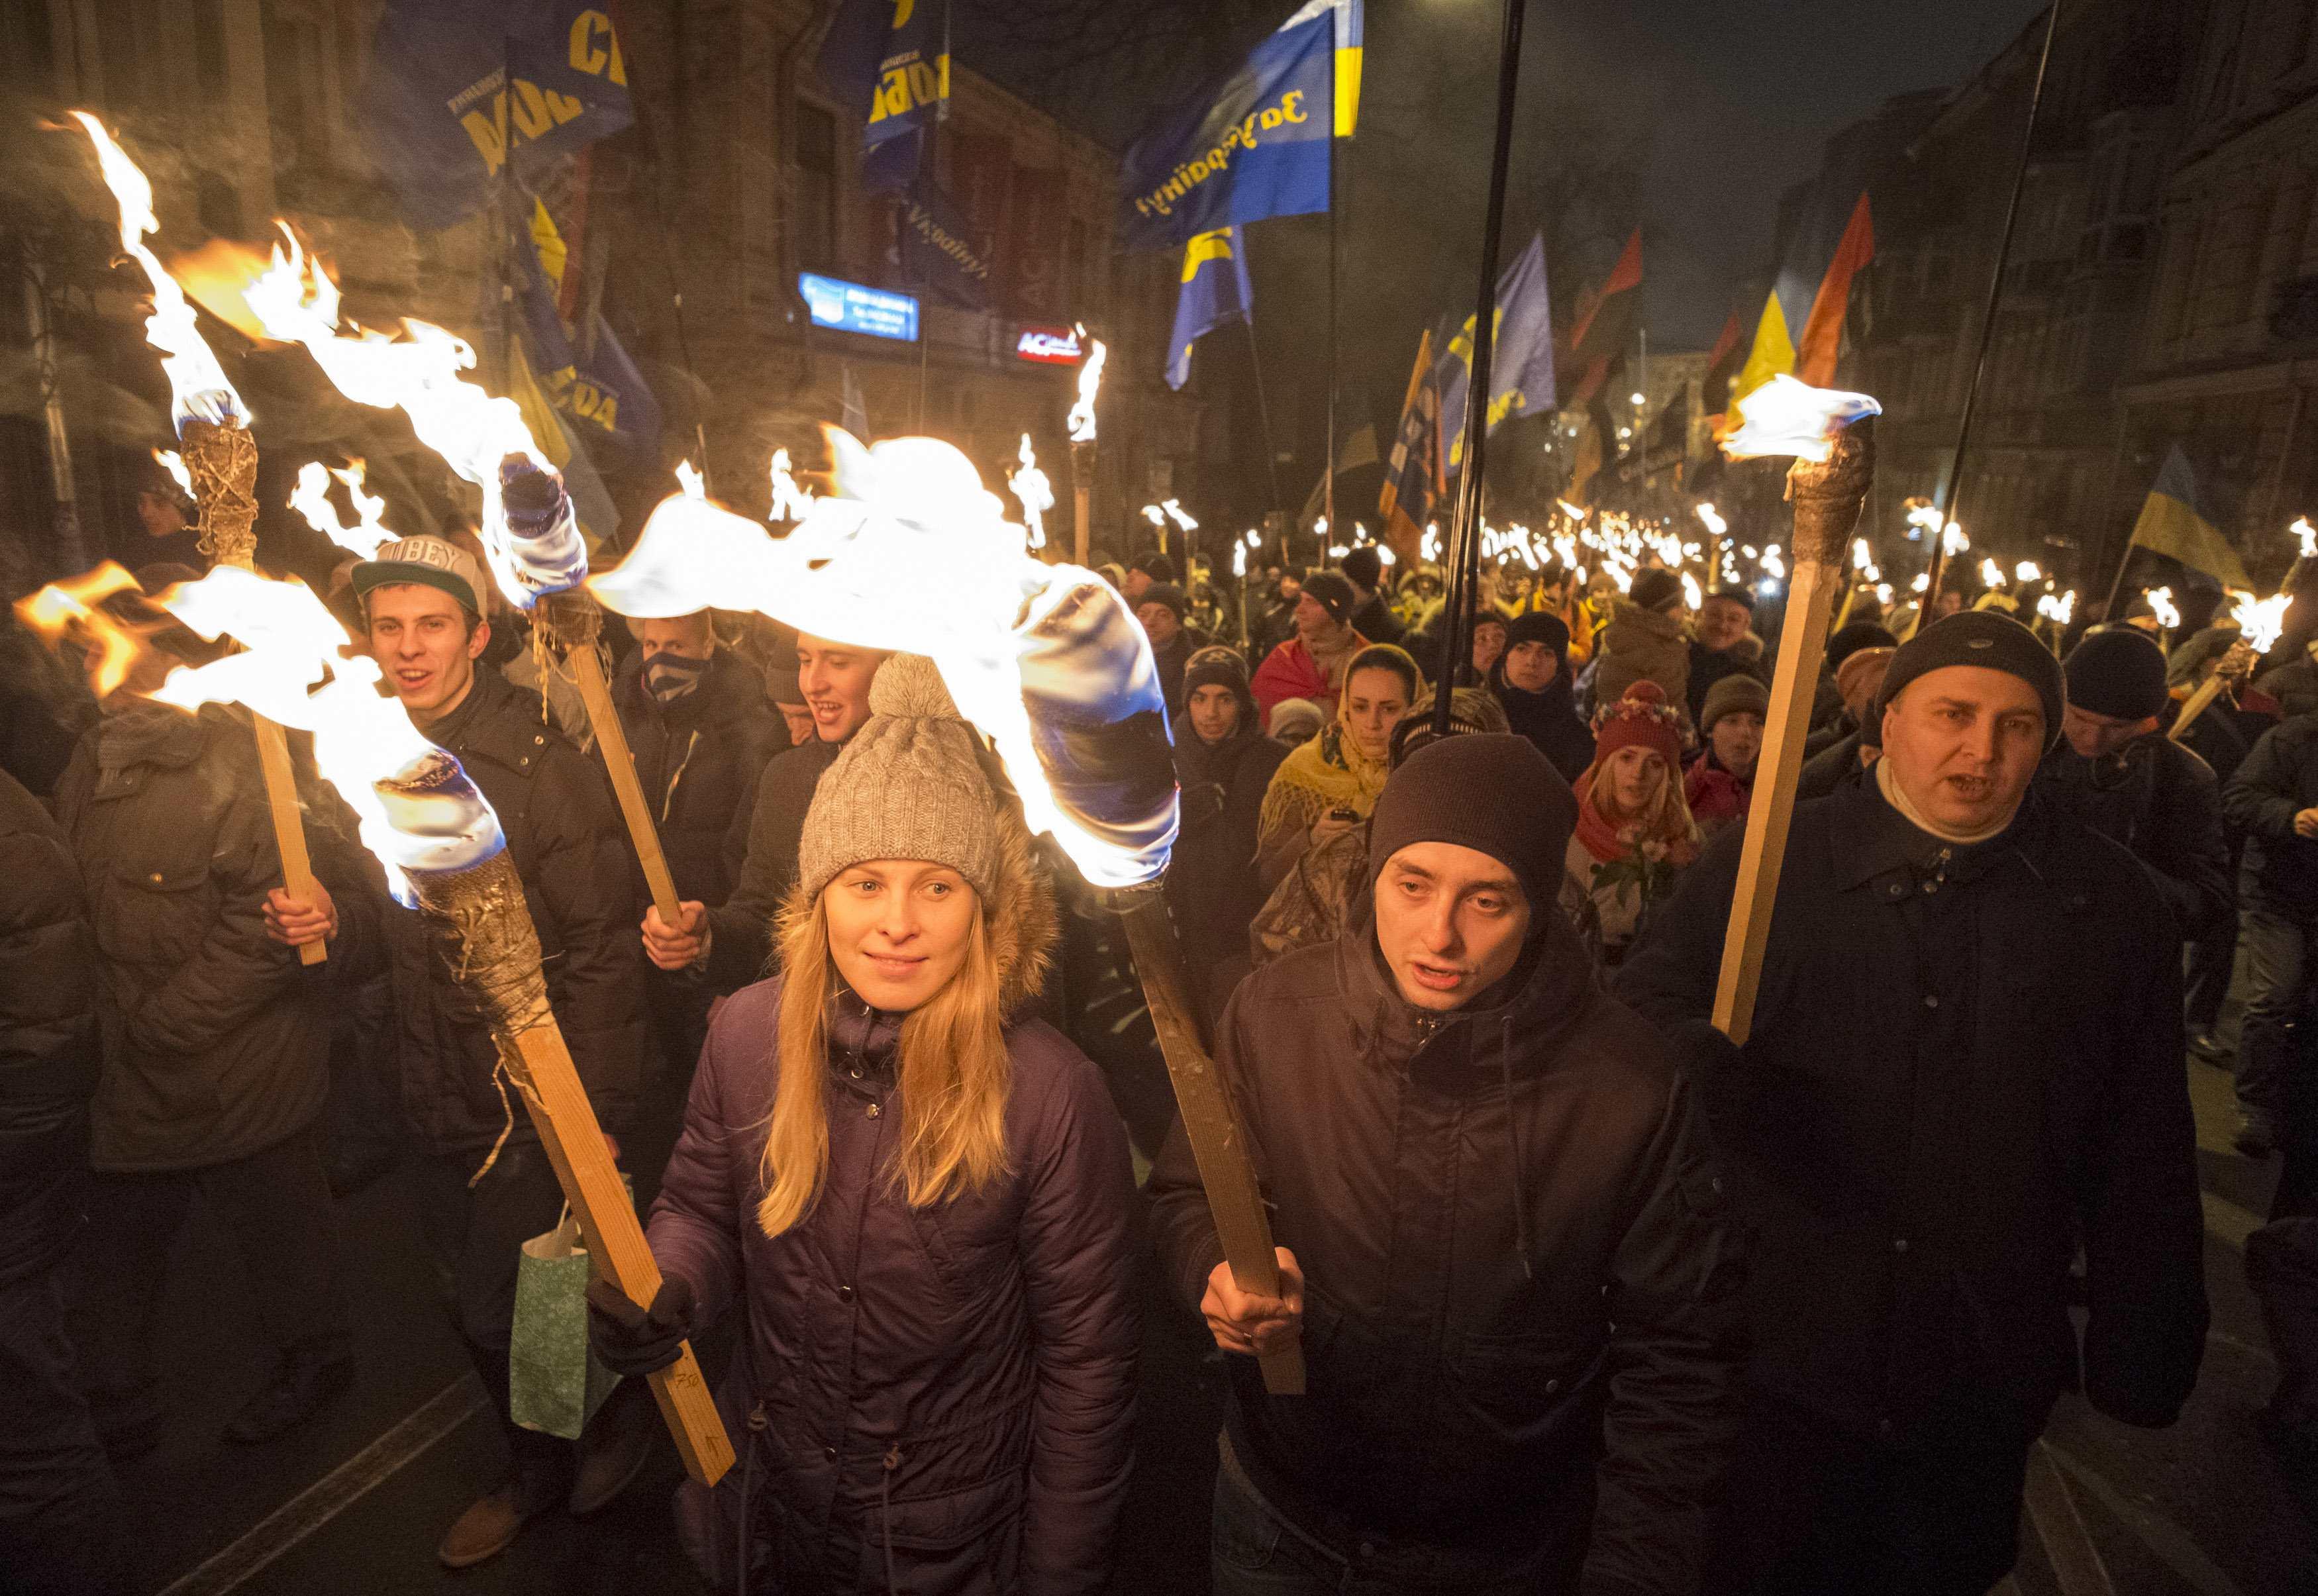 Опубликованы новые фото марша в Киеве в честь дня рождения Бандеры